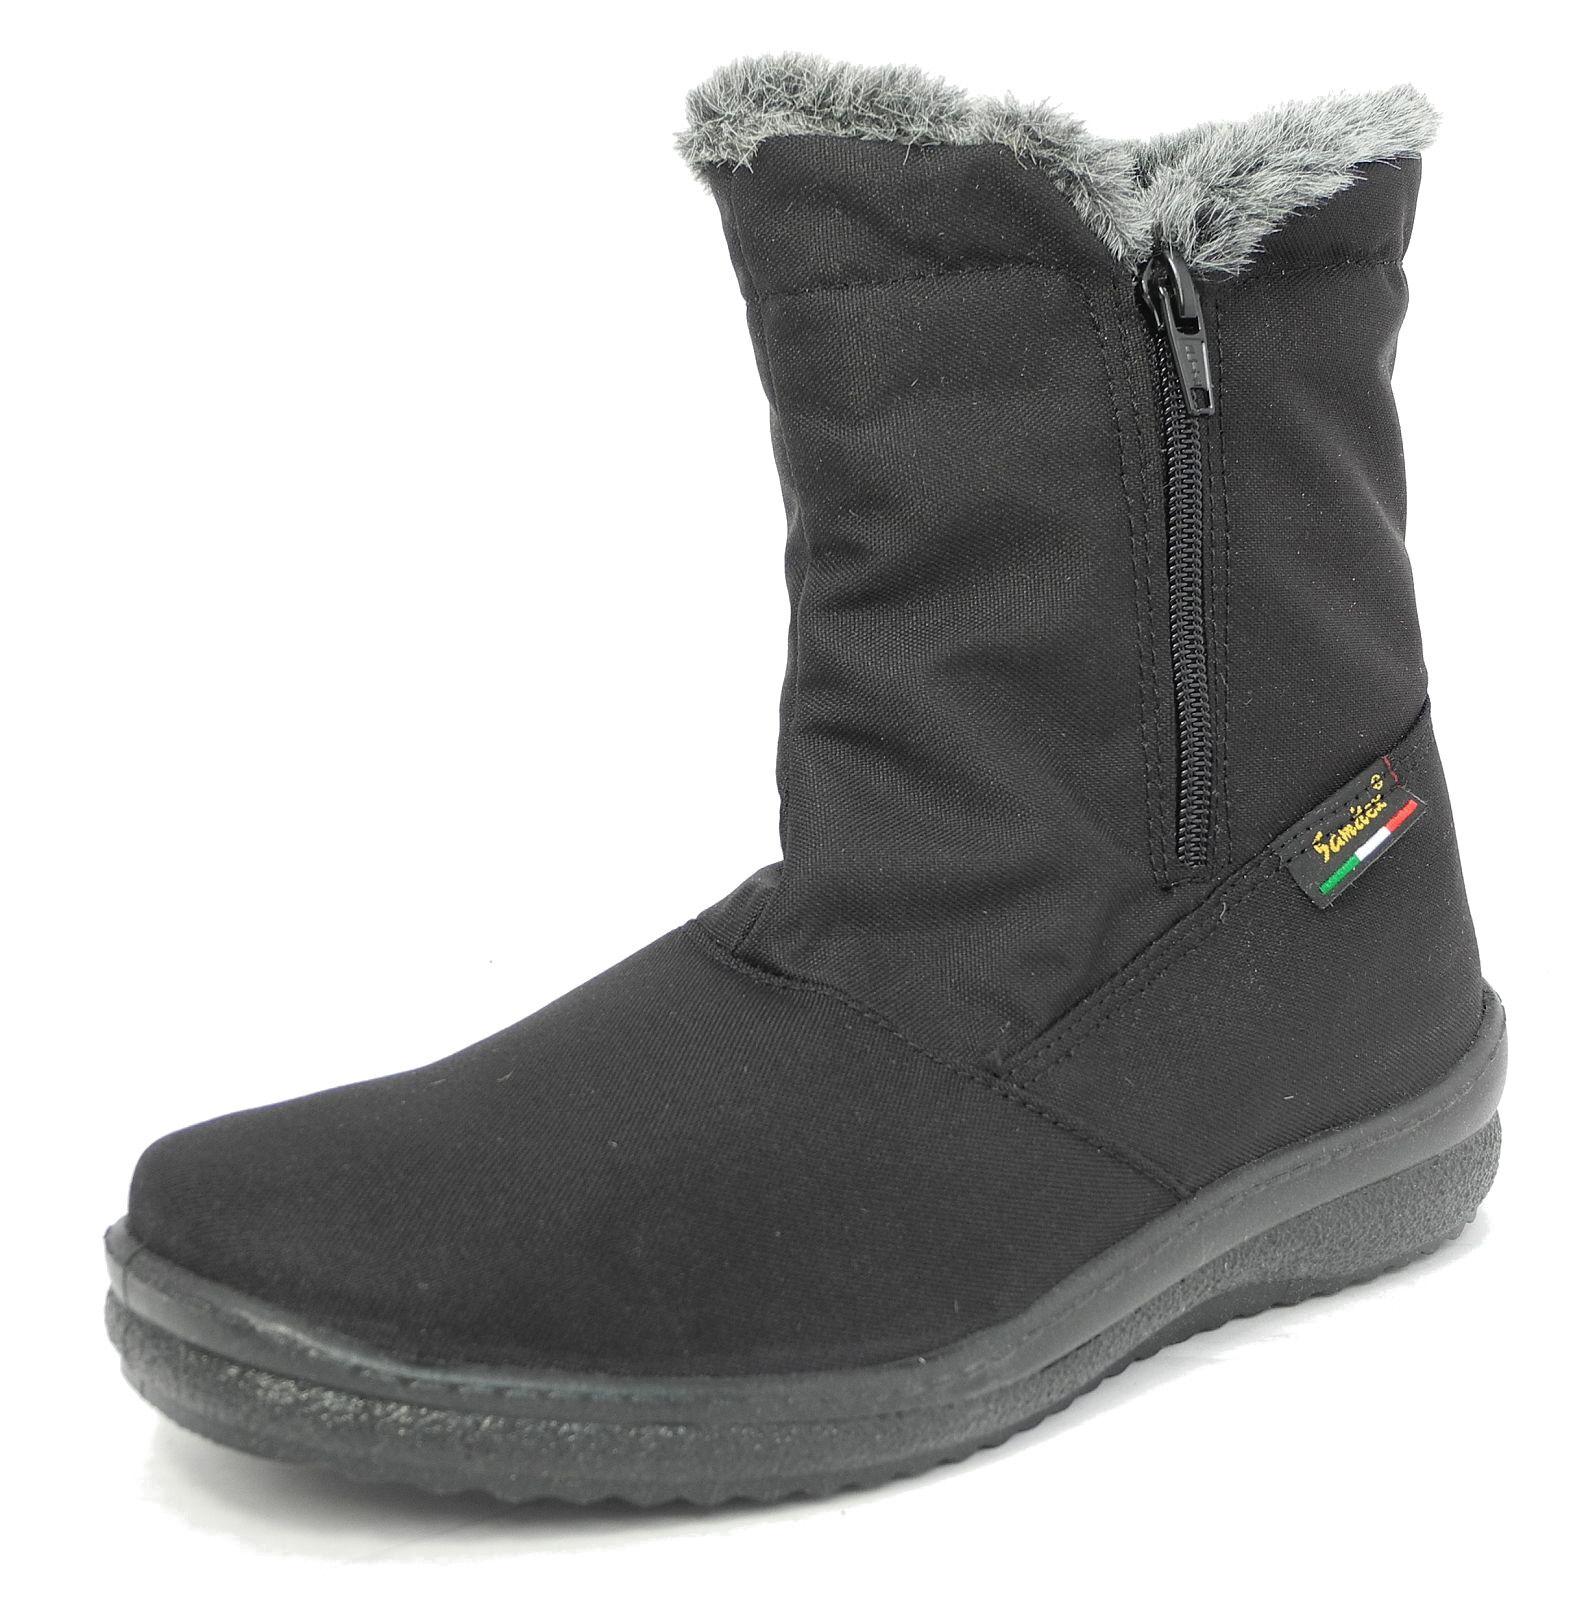 Señoras de de de mujer de piel forrada Impermeable Cálido Invierno botas De Nieve Negro 3 4 5 6 7 8 9  diseño único